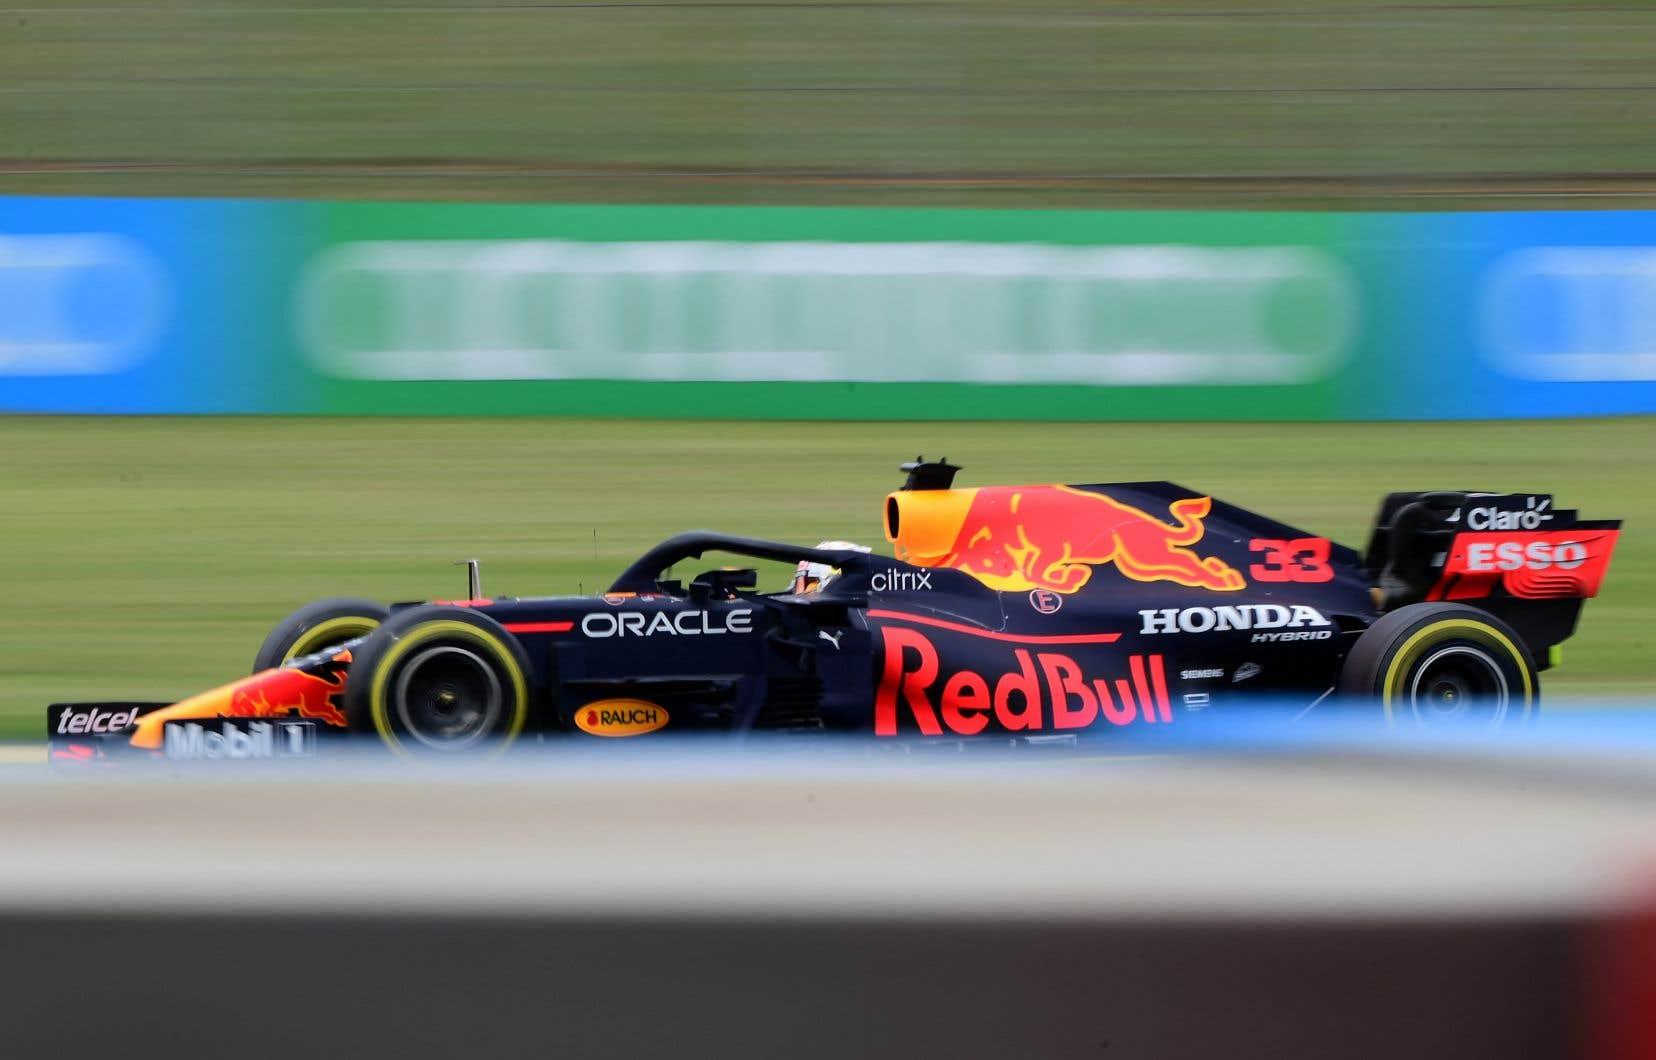 À Barcelone, Verstappen est passé en tête dès le premier virage après avoir pris le départ de la deuxième place sur la grille, mais il n'a pas disposé d'assez de vitesse pour tenir le coup. Hamilton a profité de la stratégie de deux arrêts de Mercedes pour réaliser un dépassement et reprendre la tête vers la fin de la course.